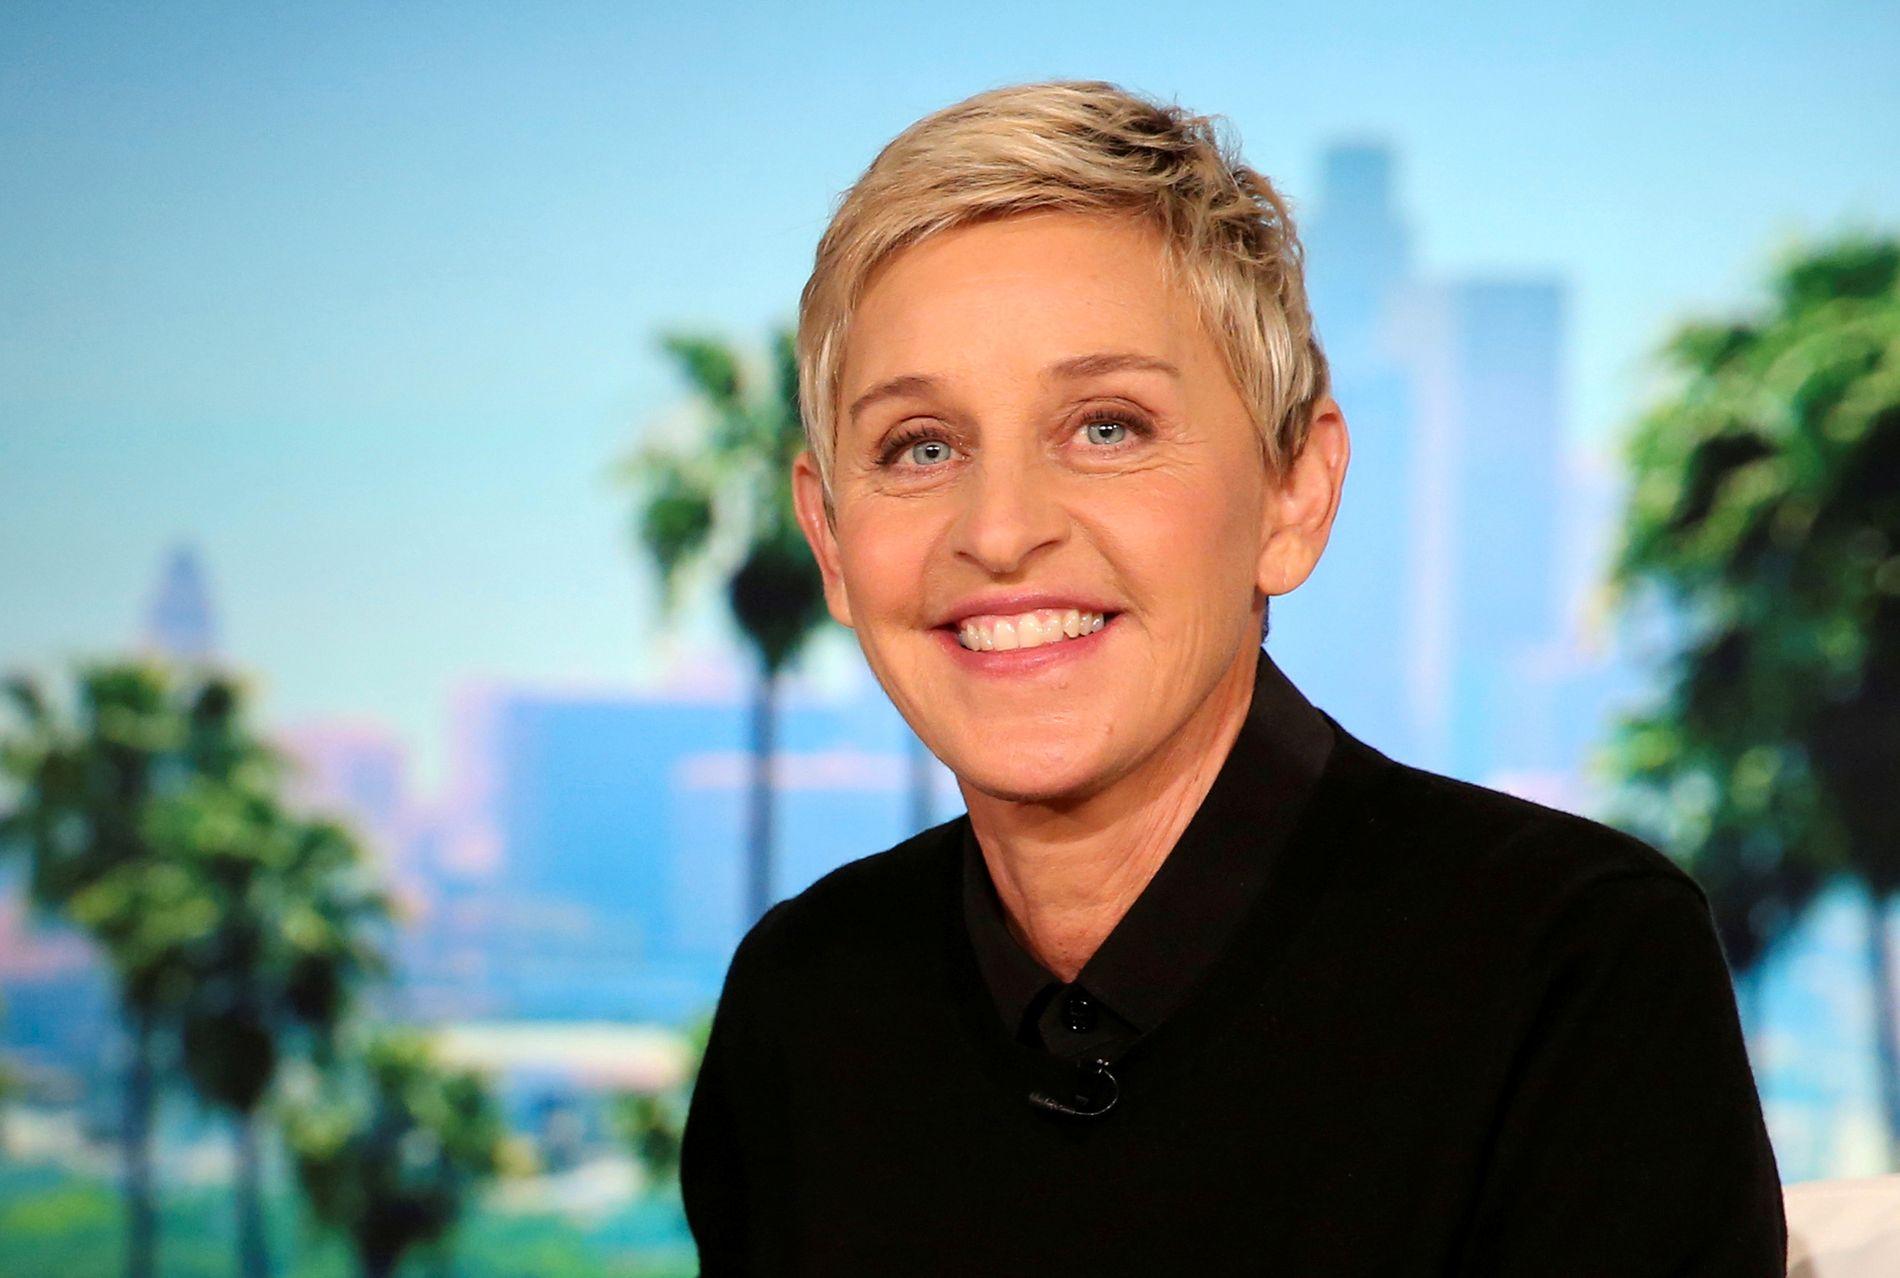 SNAKKER OM OVERGREP: Ellen Degeneres sier til David Letterman at hun ble misbrukt. Her er hun fotografert på sitt eget talkshow i 2016.